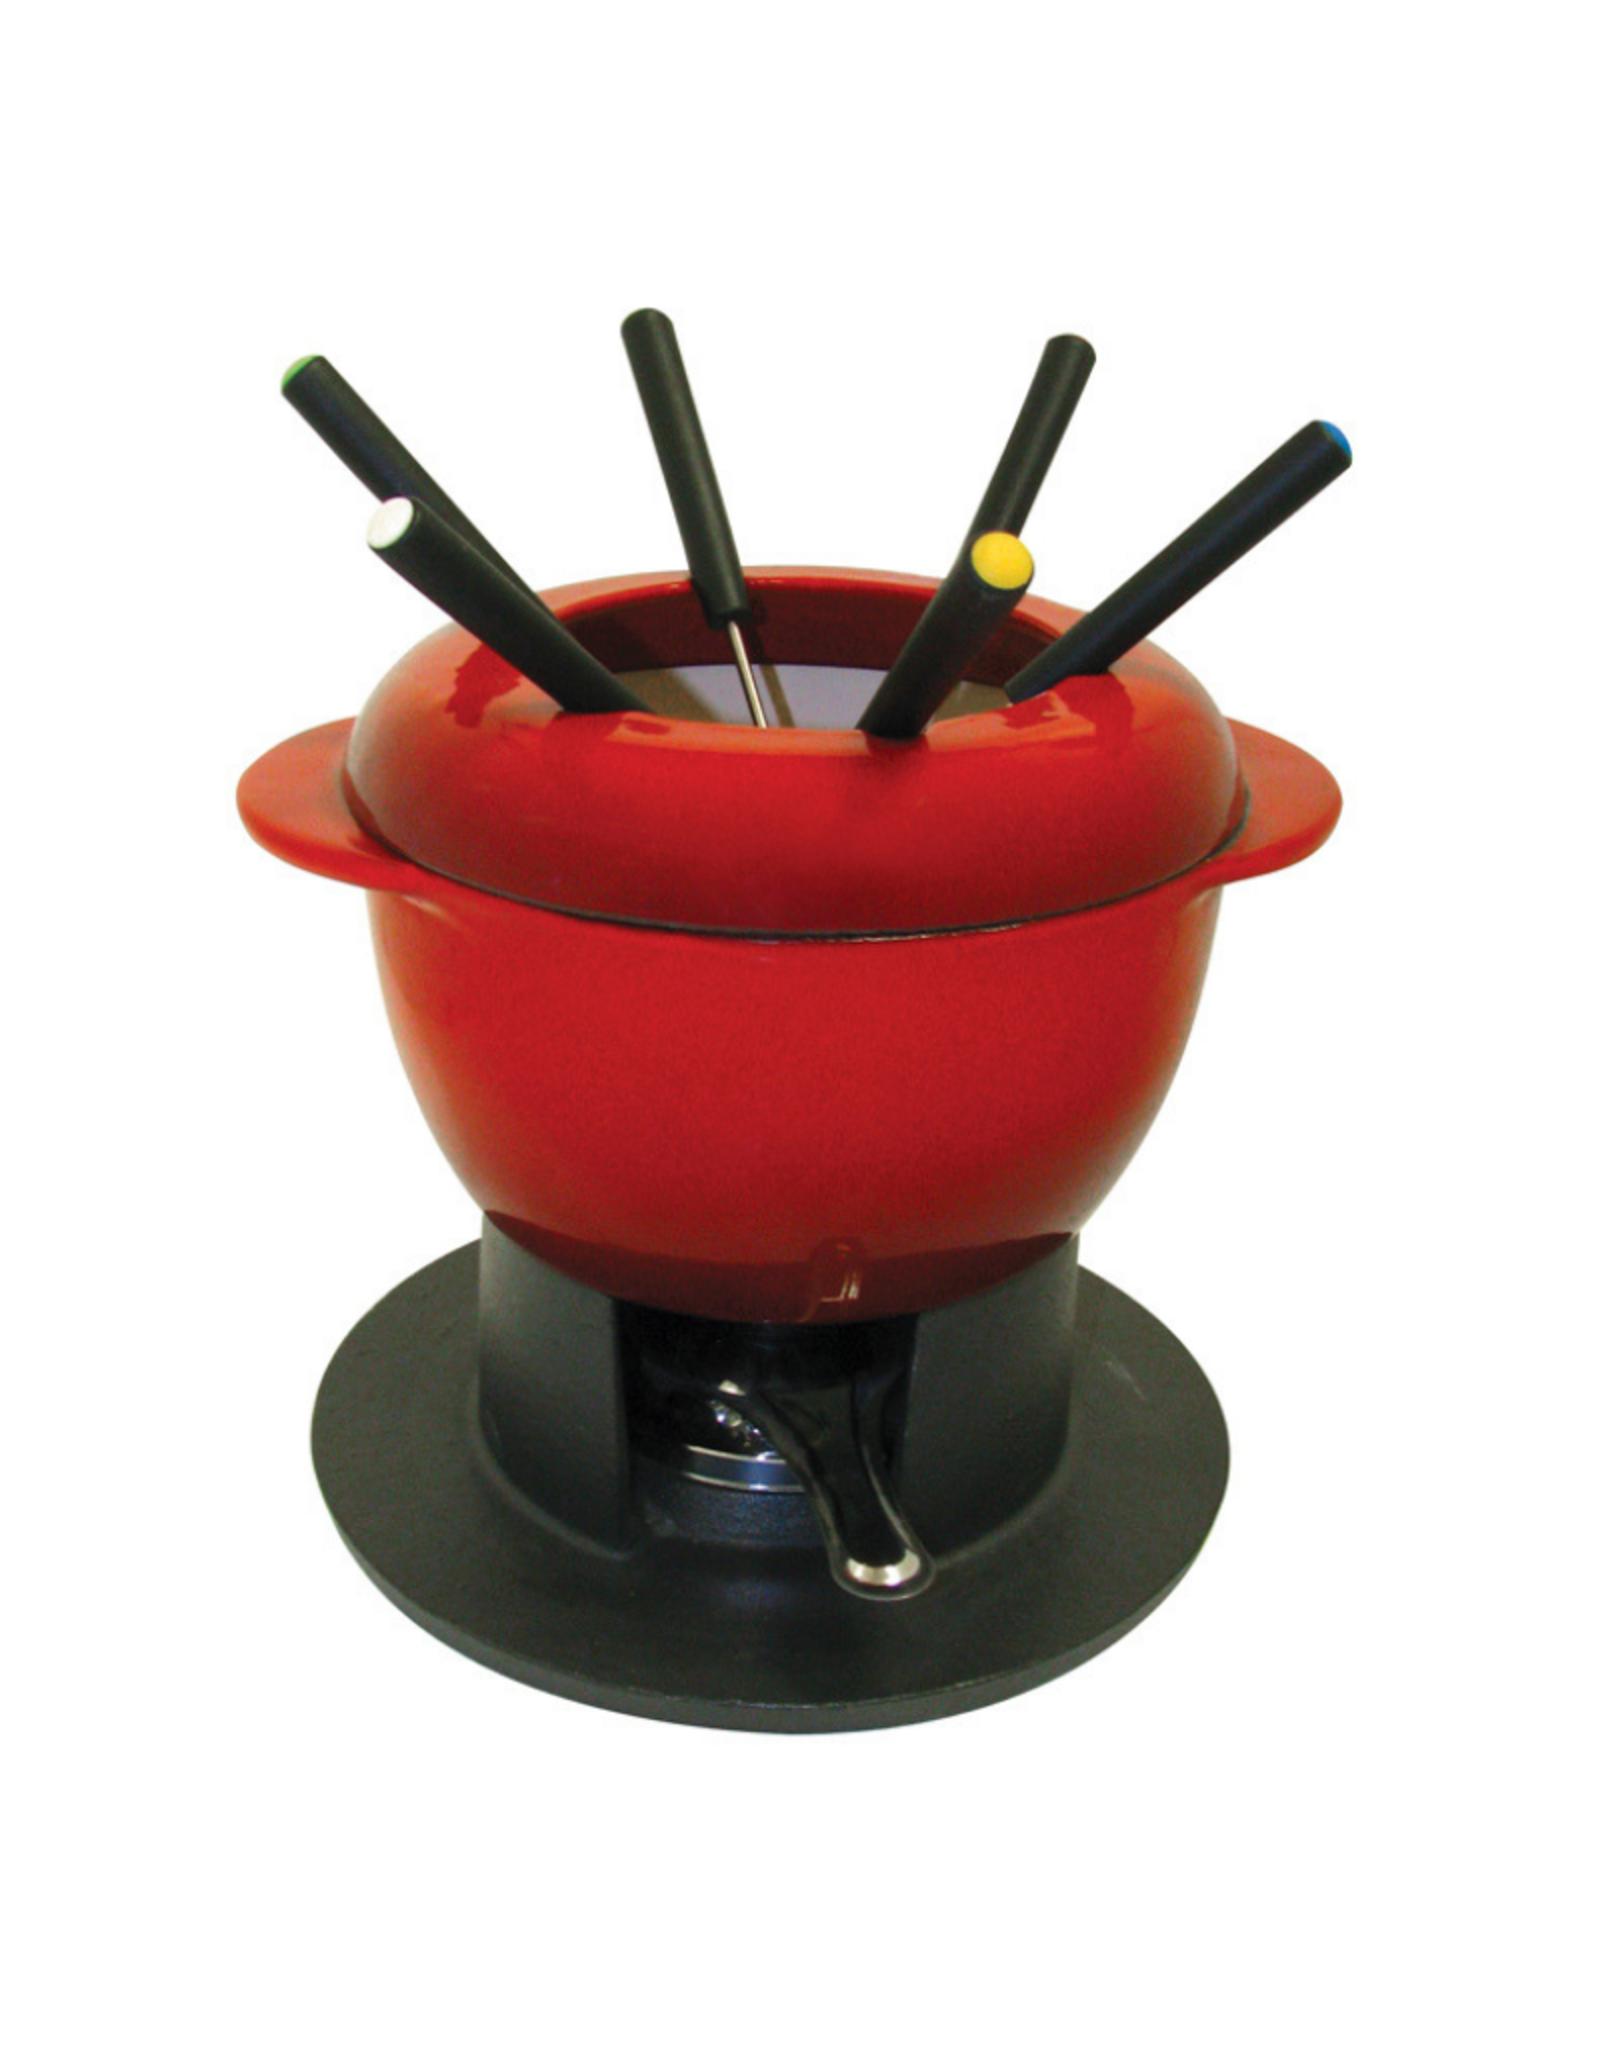 Ens. pour fondue chinoise jumbo en fonte émaillée 10 pcs rouge